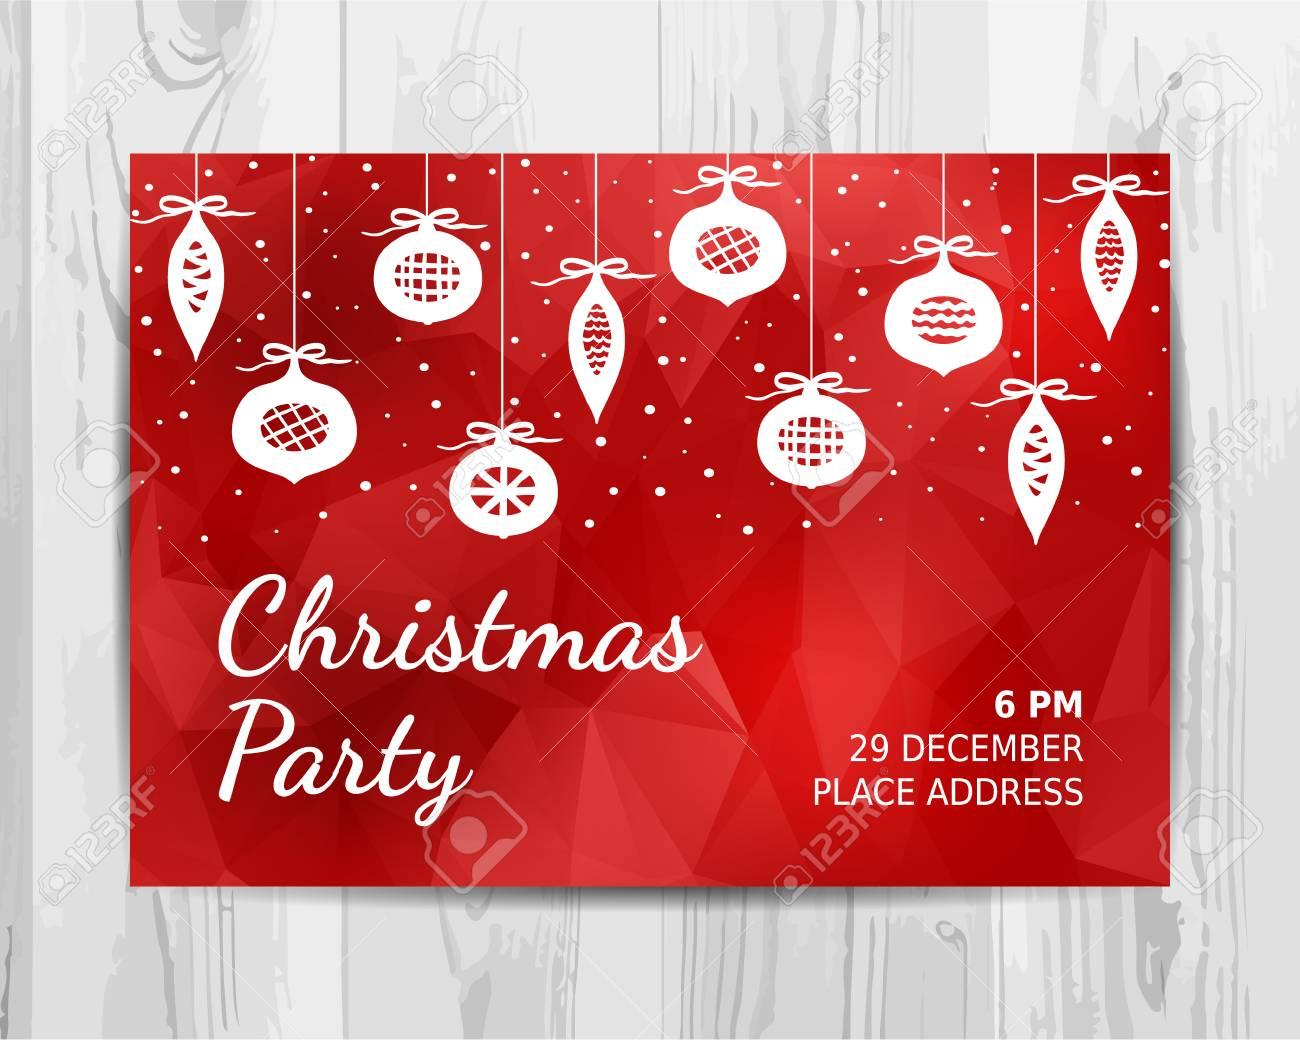 Tarjeta De Invitación De Invitación De Navidad Vector De Navidad Roja Plantilla De Diseño Navideño